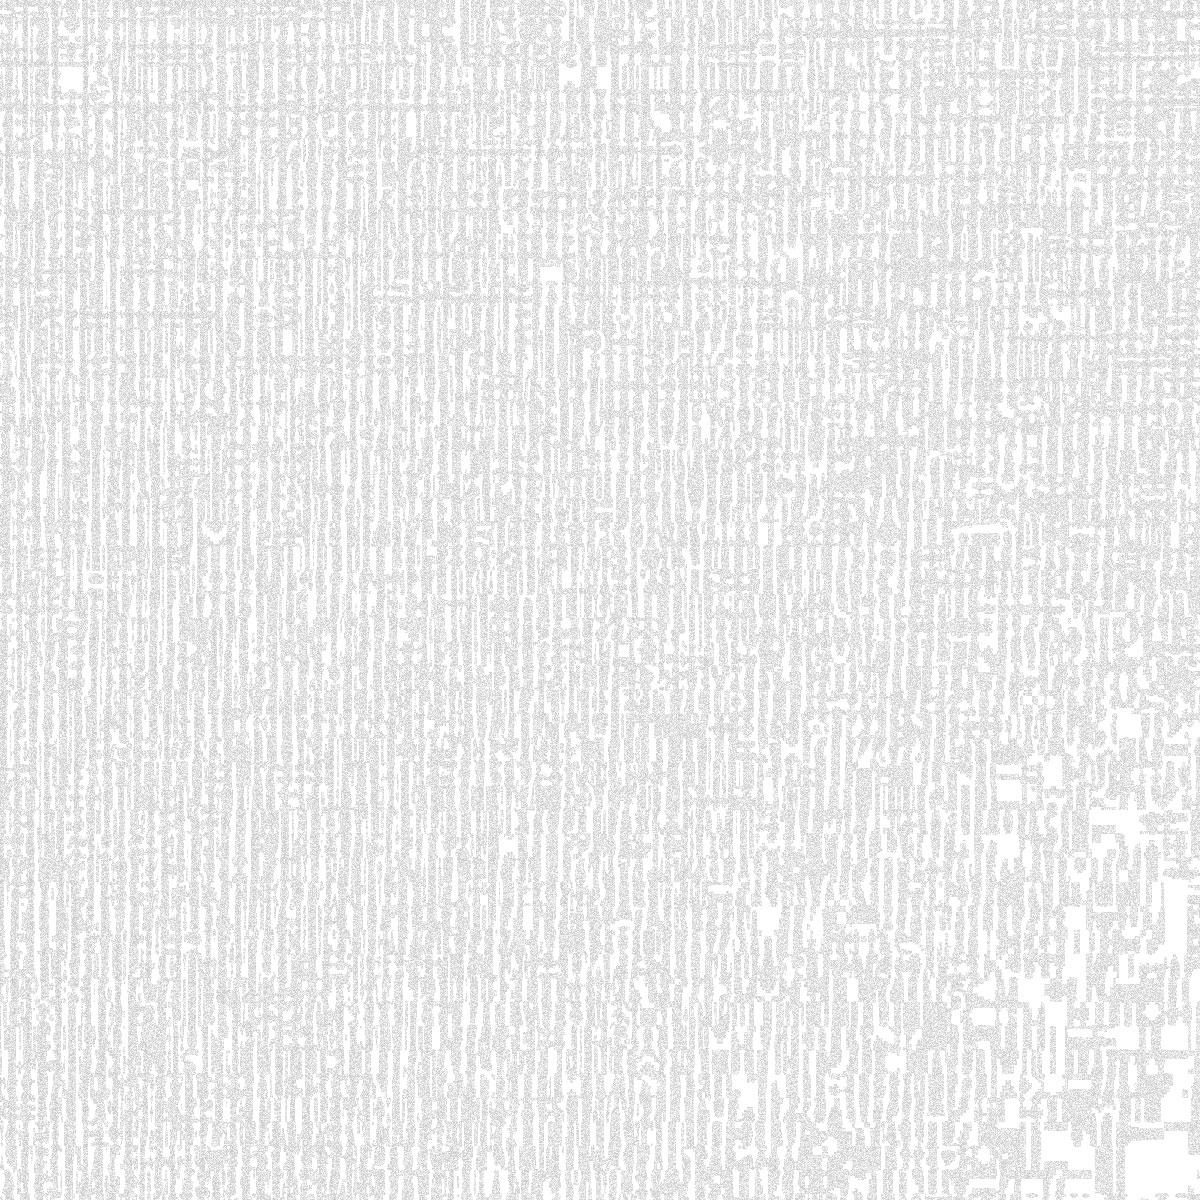 white-6.jpg